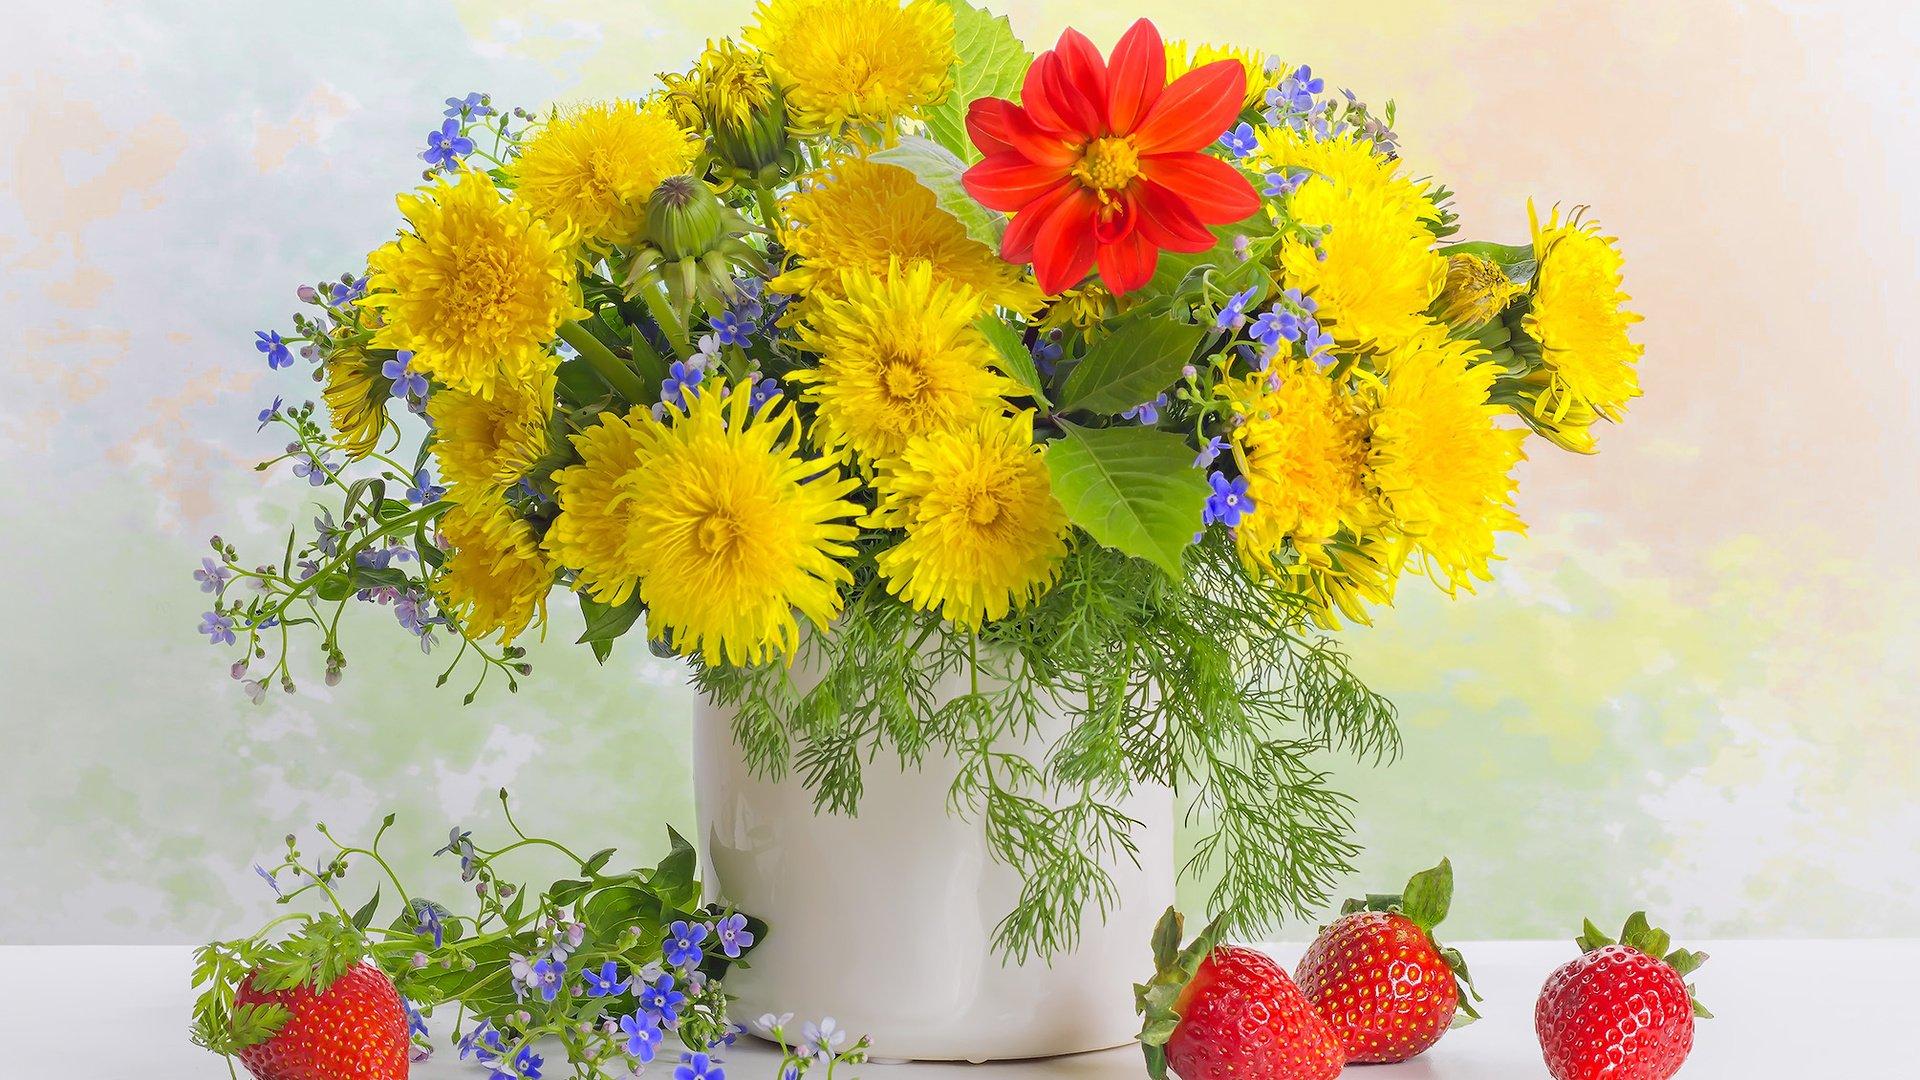 также открытки доброе утро и прекрасного дня с луговыми цветами обсада обязательная работа